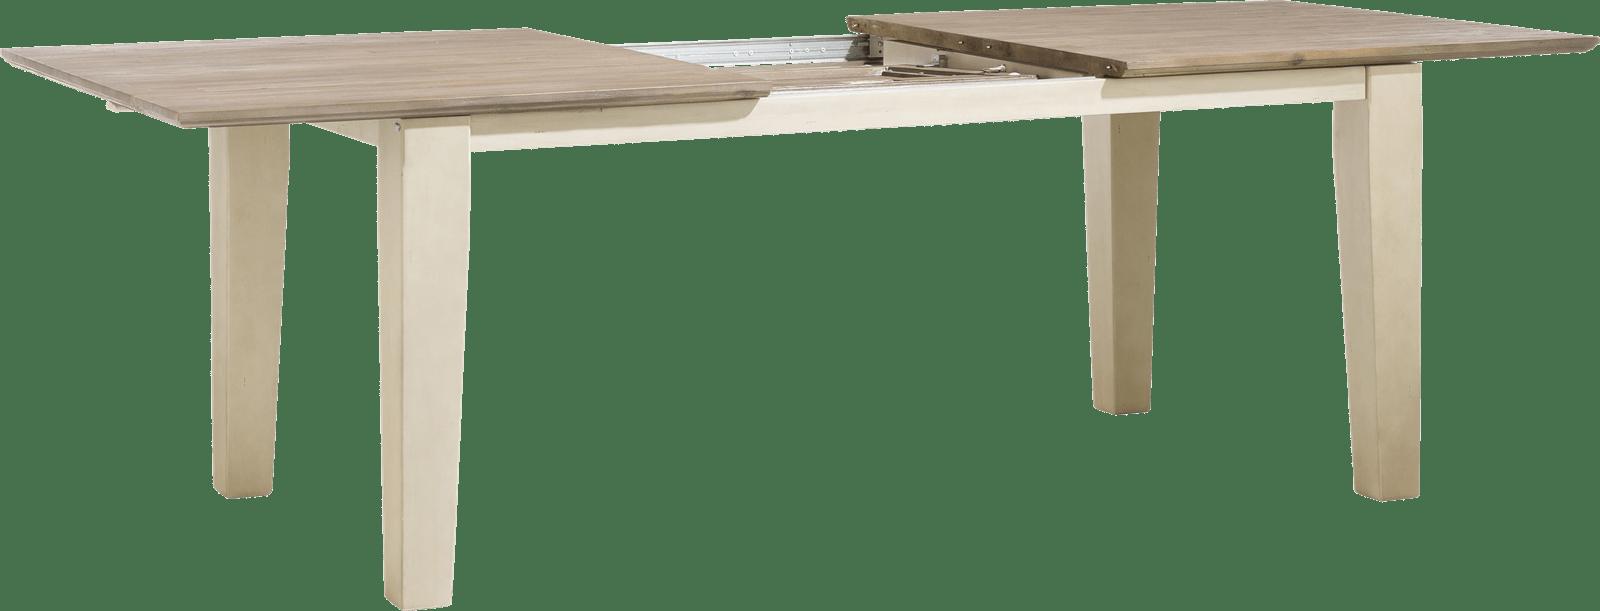 Henders and Hazel - Le Port - Landelijk - uitschuiftafel 190 (+ 60) x 100 cm